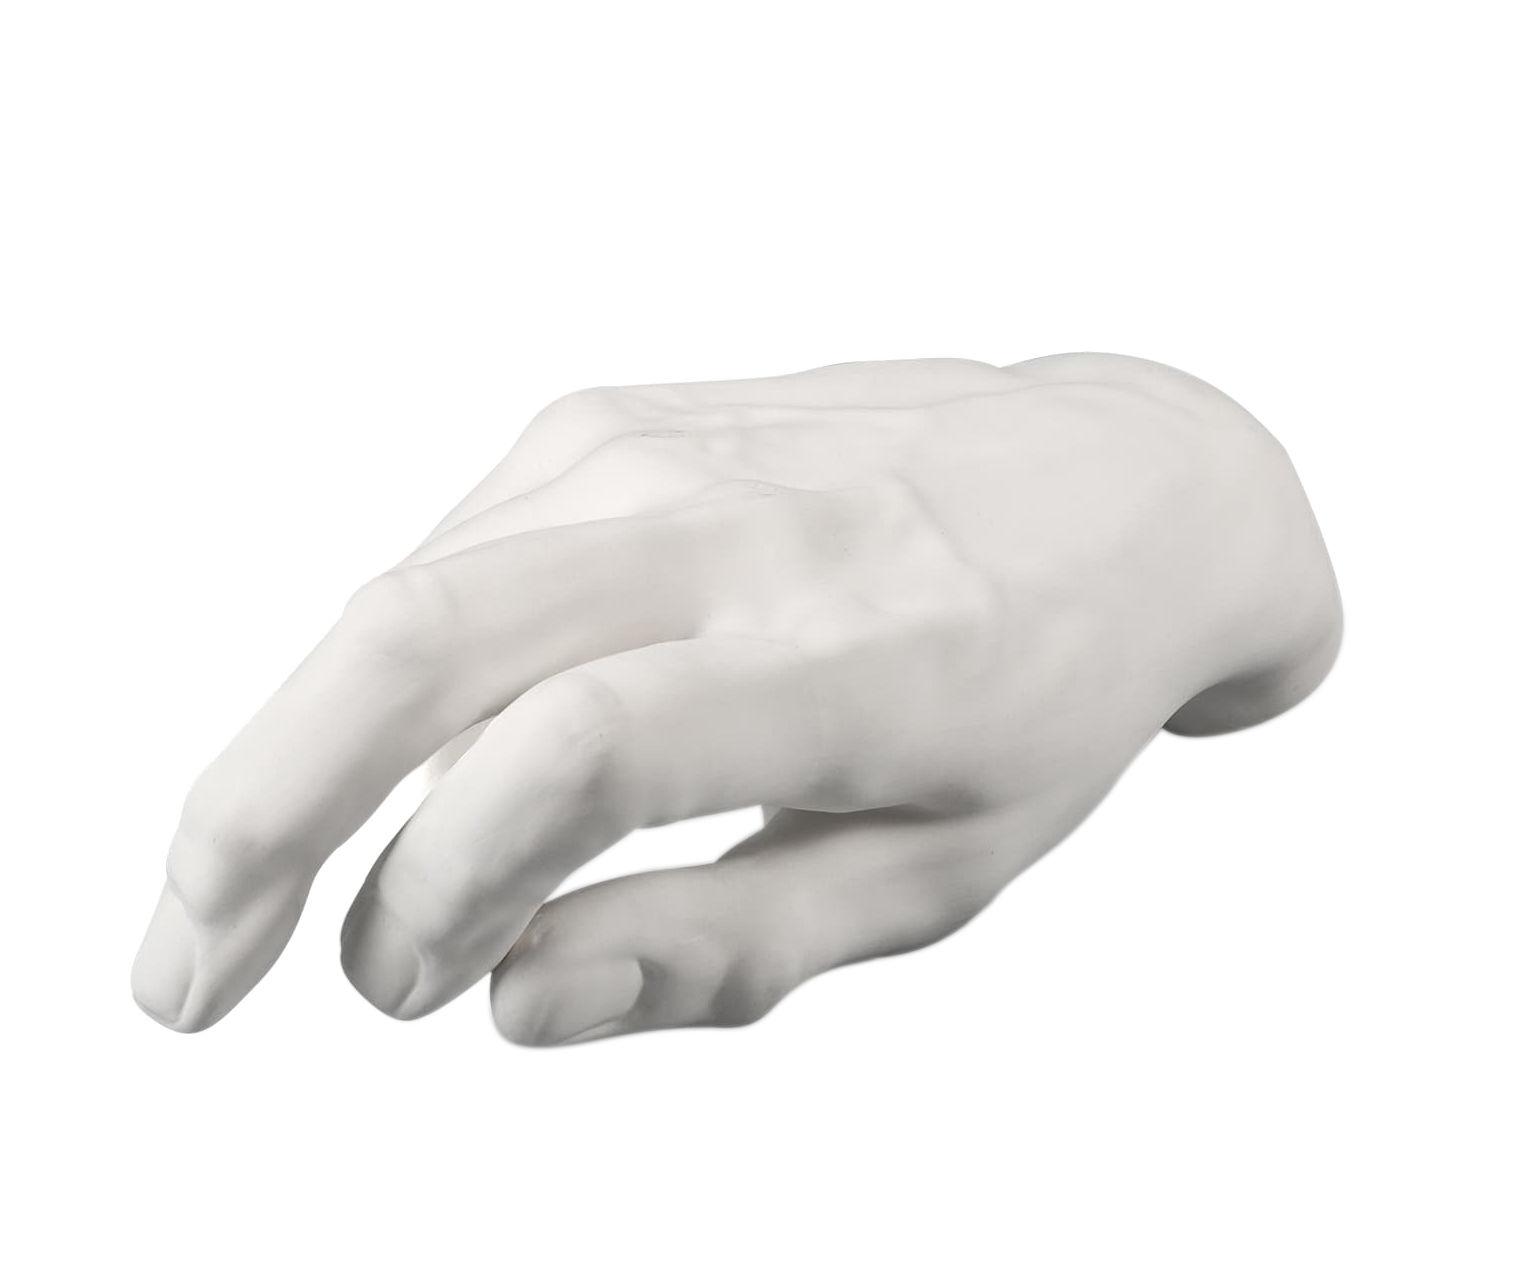 Interni - Oggetti déco - Decorazione Memorabilia Mvsevm - / Mano mascolina di Seletti - Mano uomo / Bianco - Porcellana